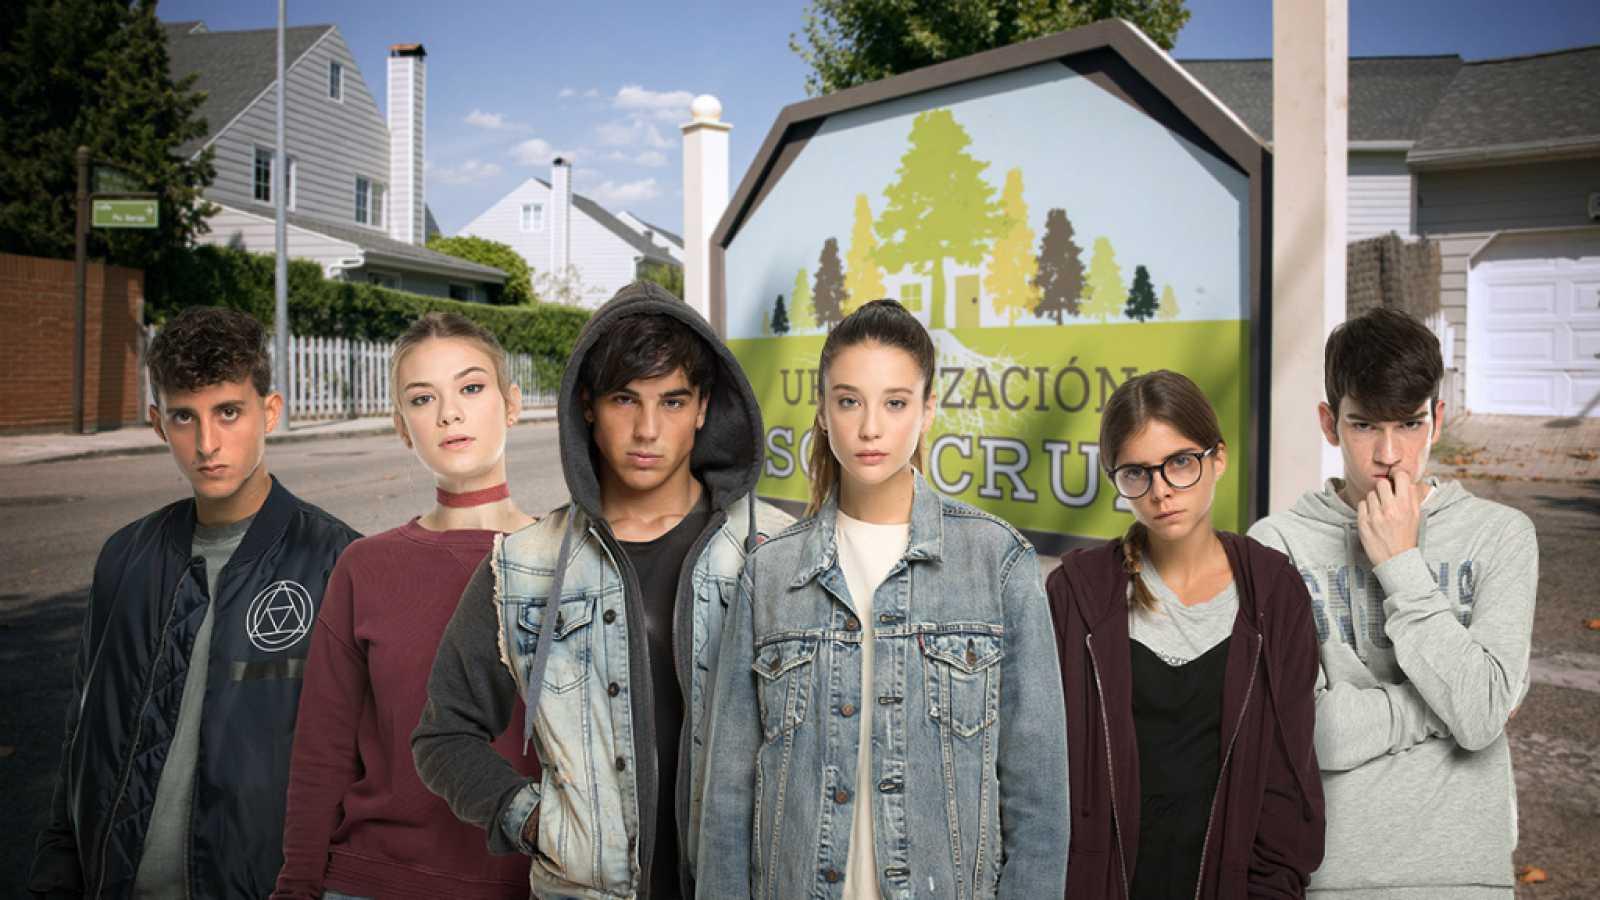 'Si fueras tú', la primera serie transmedia interactiva que se produce en España, llega al FesTVal de Vitoria